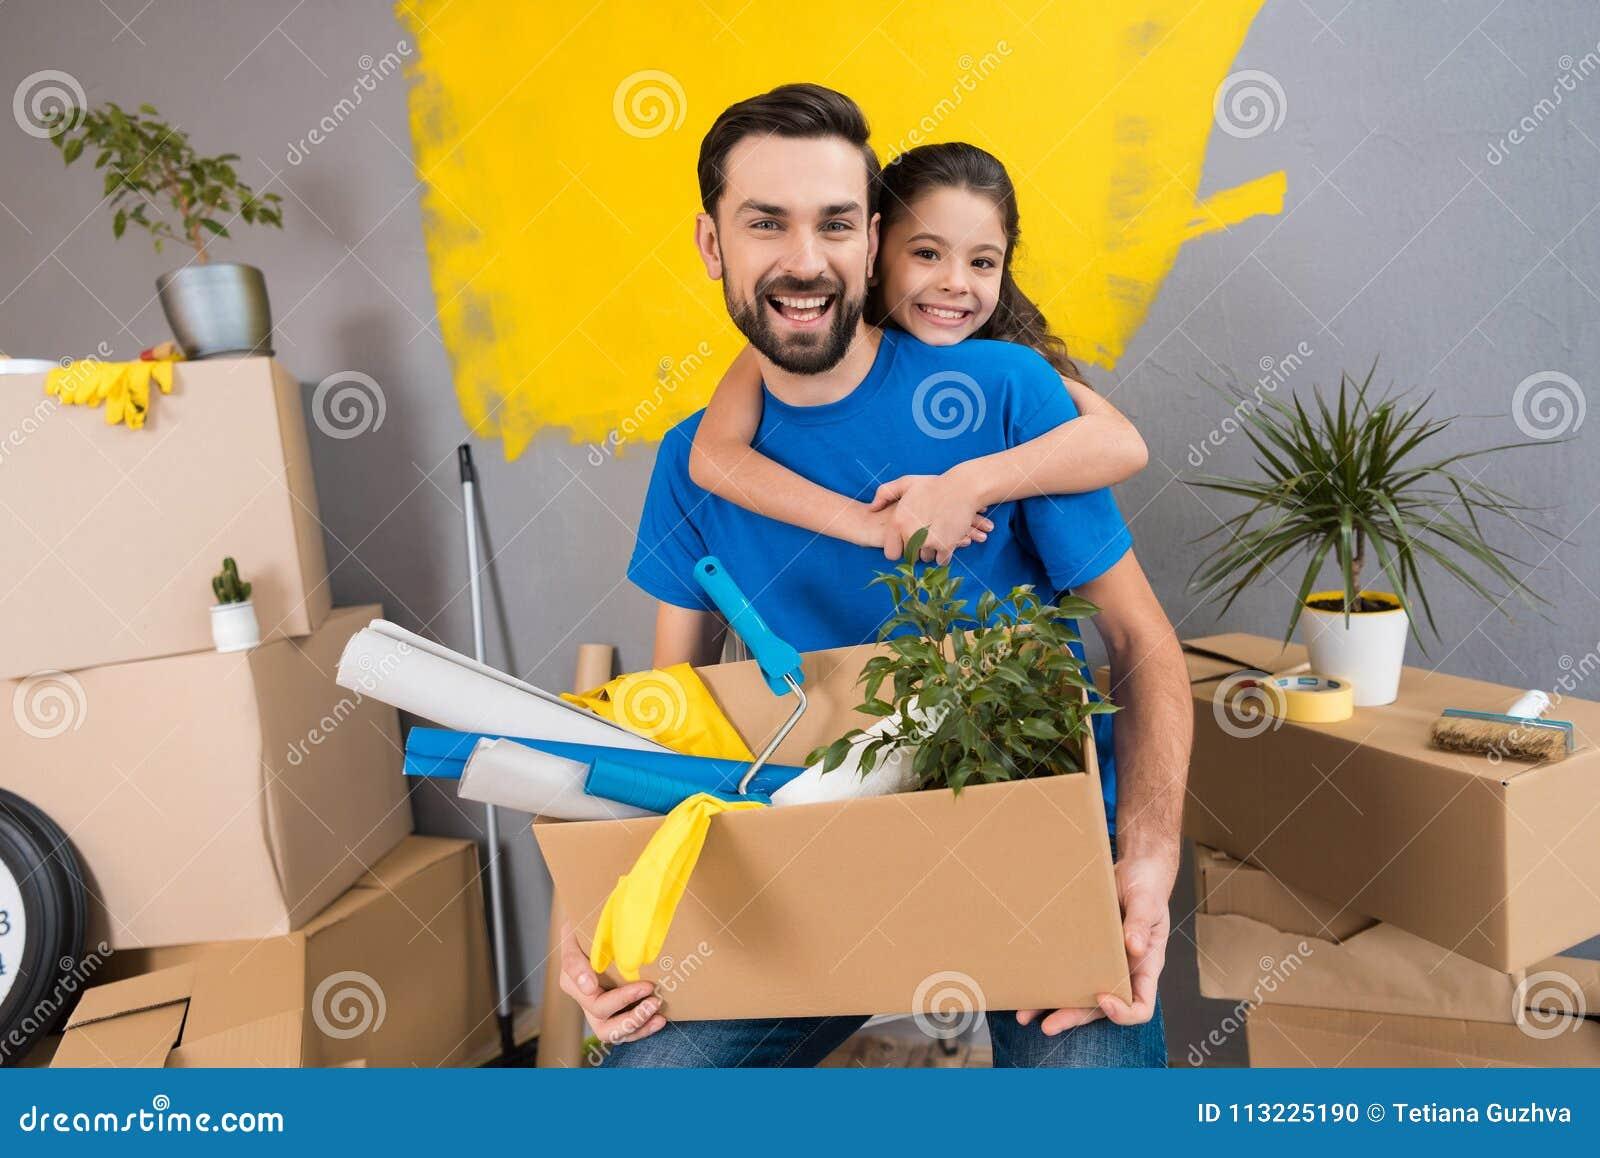 Weinig dochter koestert haar vader, die doos van hulpmiddelen en dingen houdt De familie huisvest samen reparaties